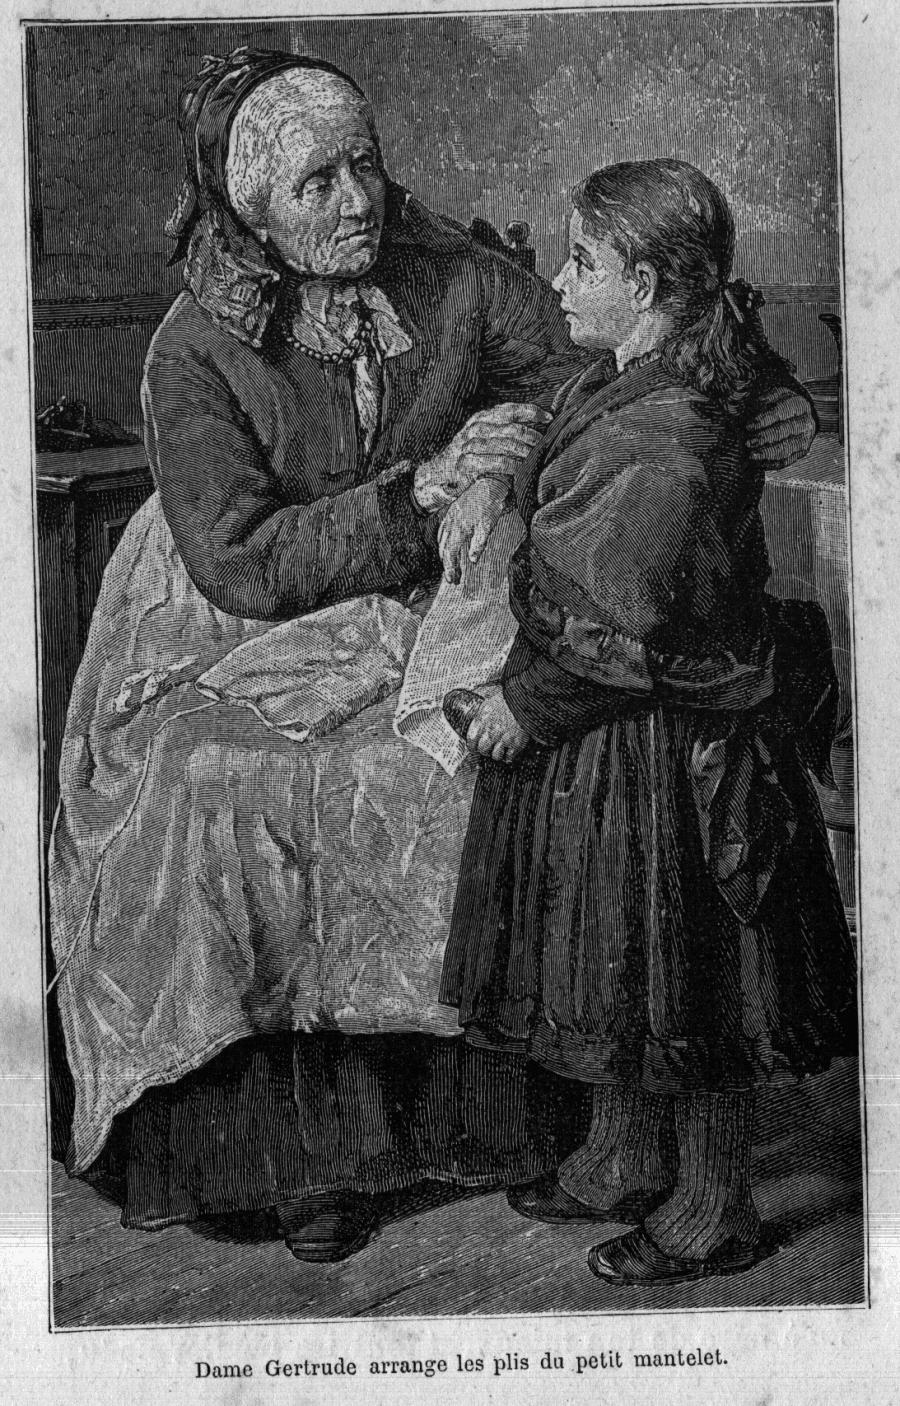 Dame Gertrude et Annette